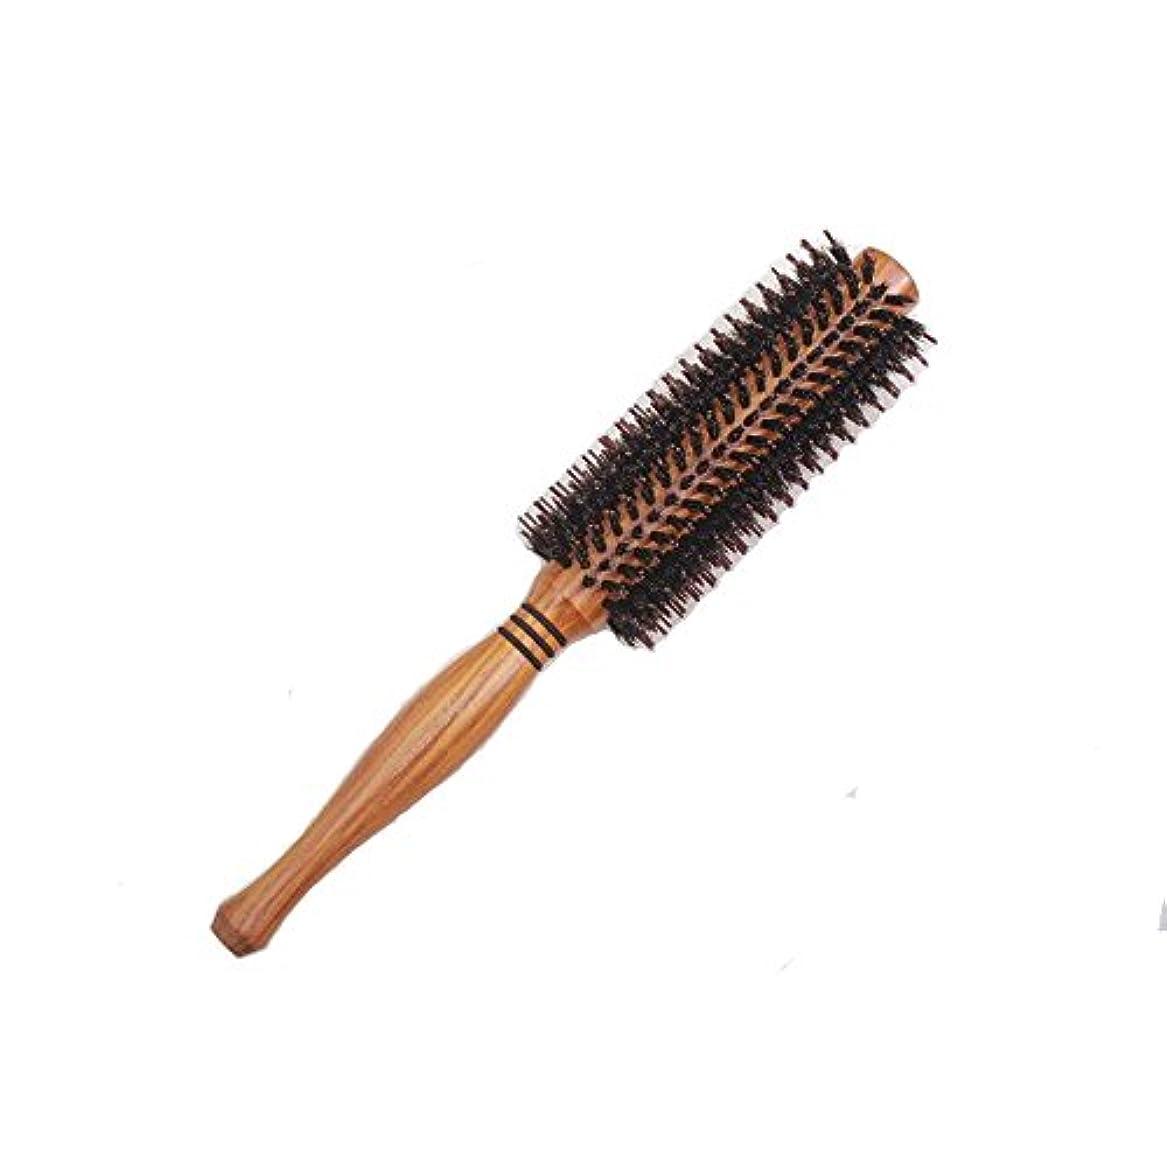 昼間生む協定天然ロールブラシ 豚毛 耐熱仕様 ブロー カール 巻き髪 ヘア ブラシ ロール